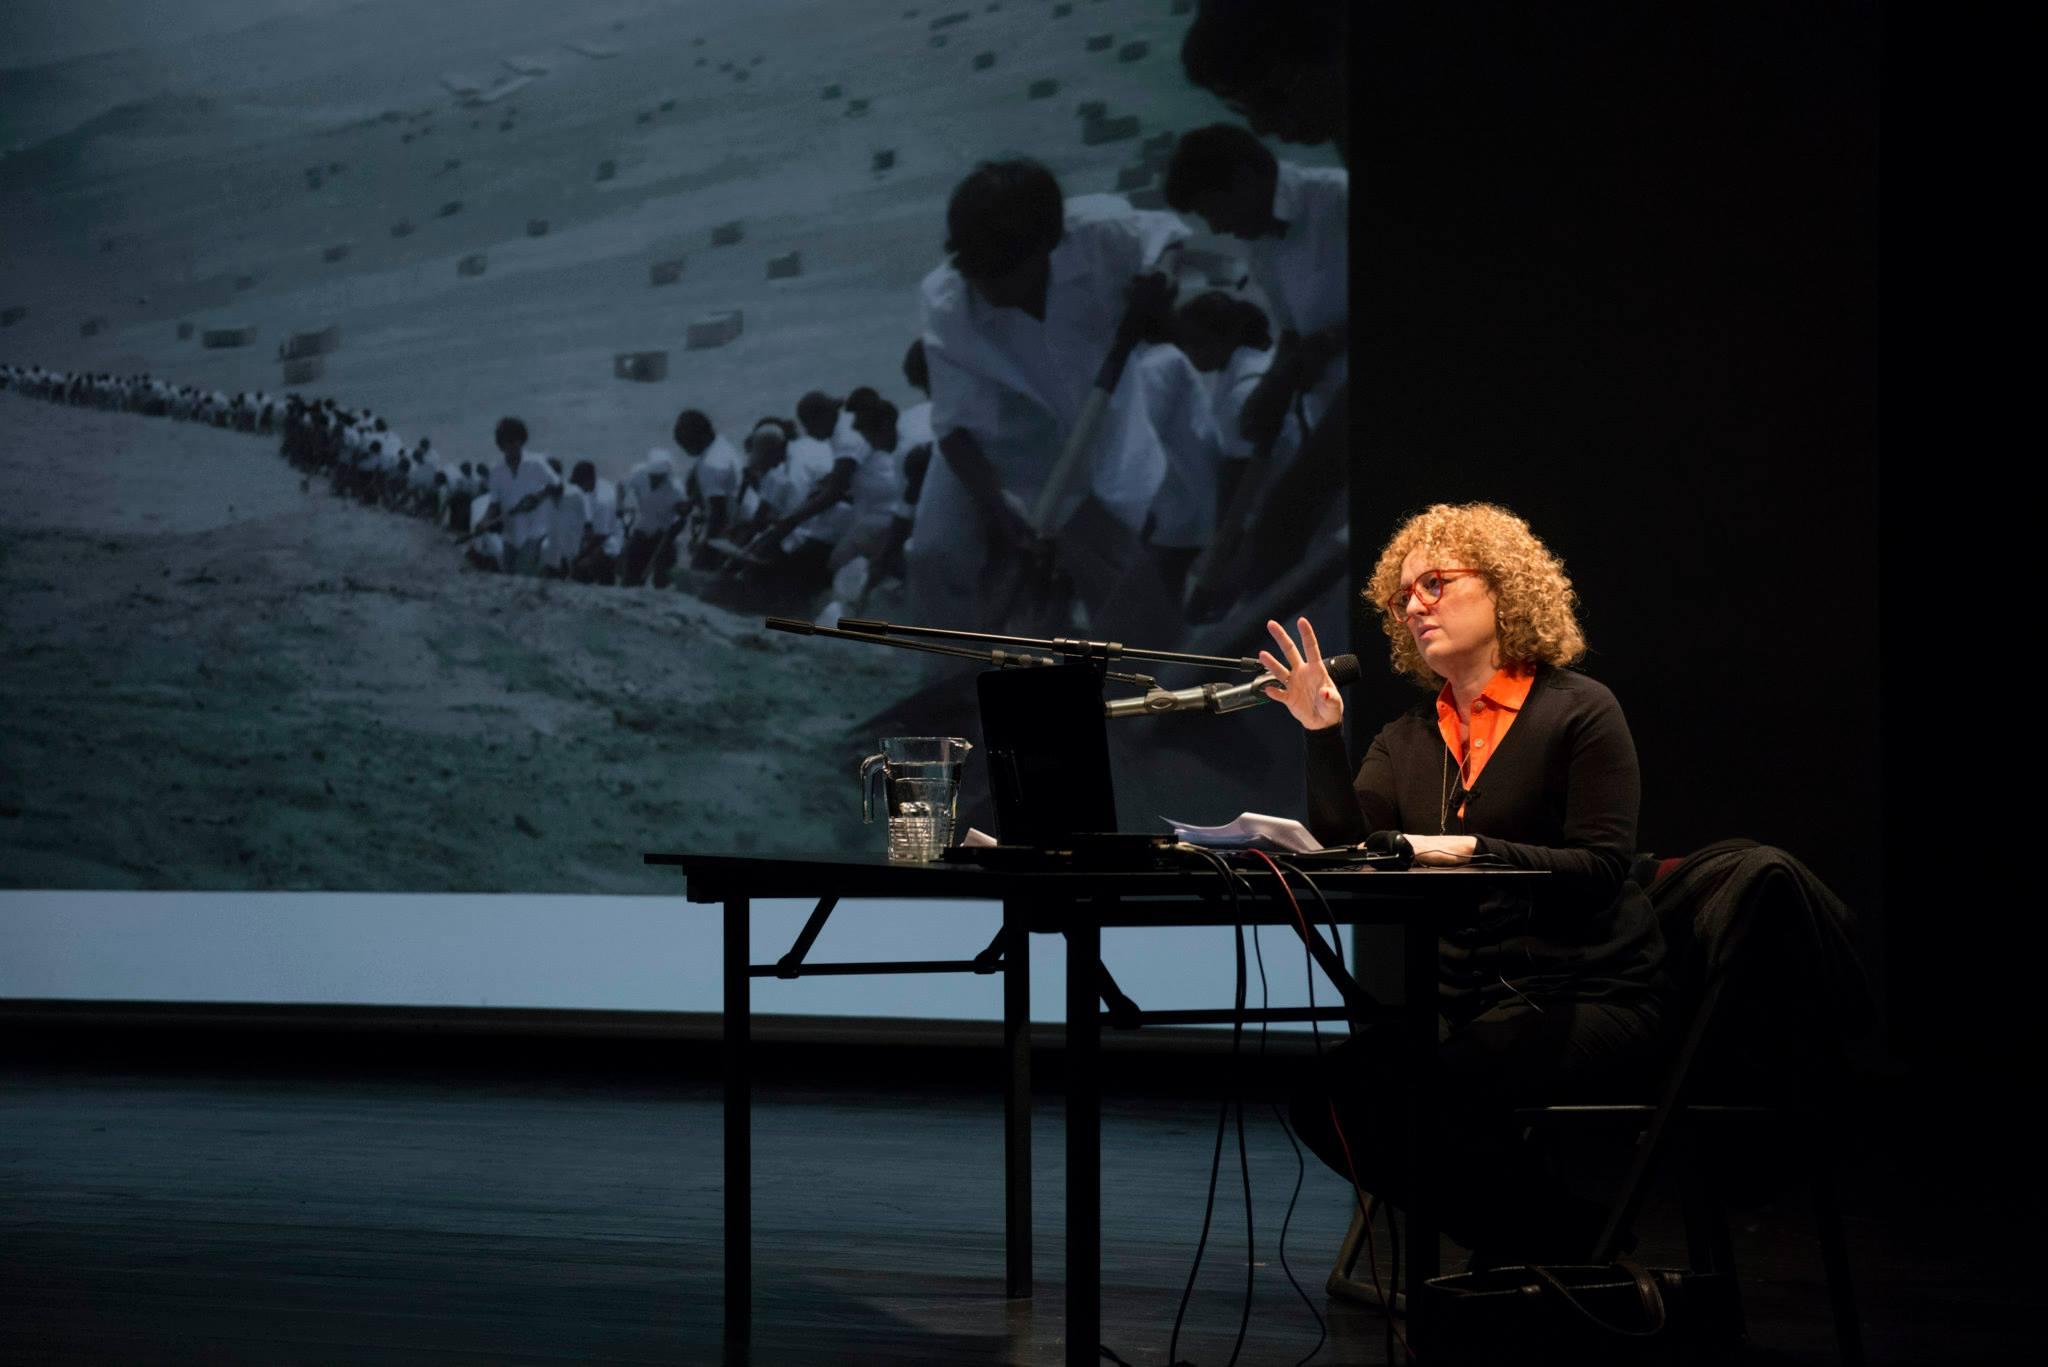 potkanie zCarolyn Christov-Bakargiev 24 stycznia 2015, Laboratorium CSW, ekran nadrugim planie zdjęcia: Francis Alÿs, When Faith Moves Mountains, Lima, Peru 2002 , fot.Bartosz Górka